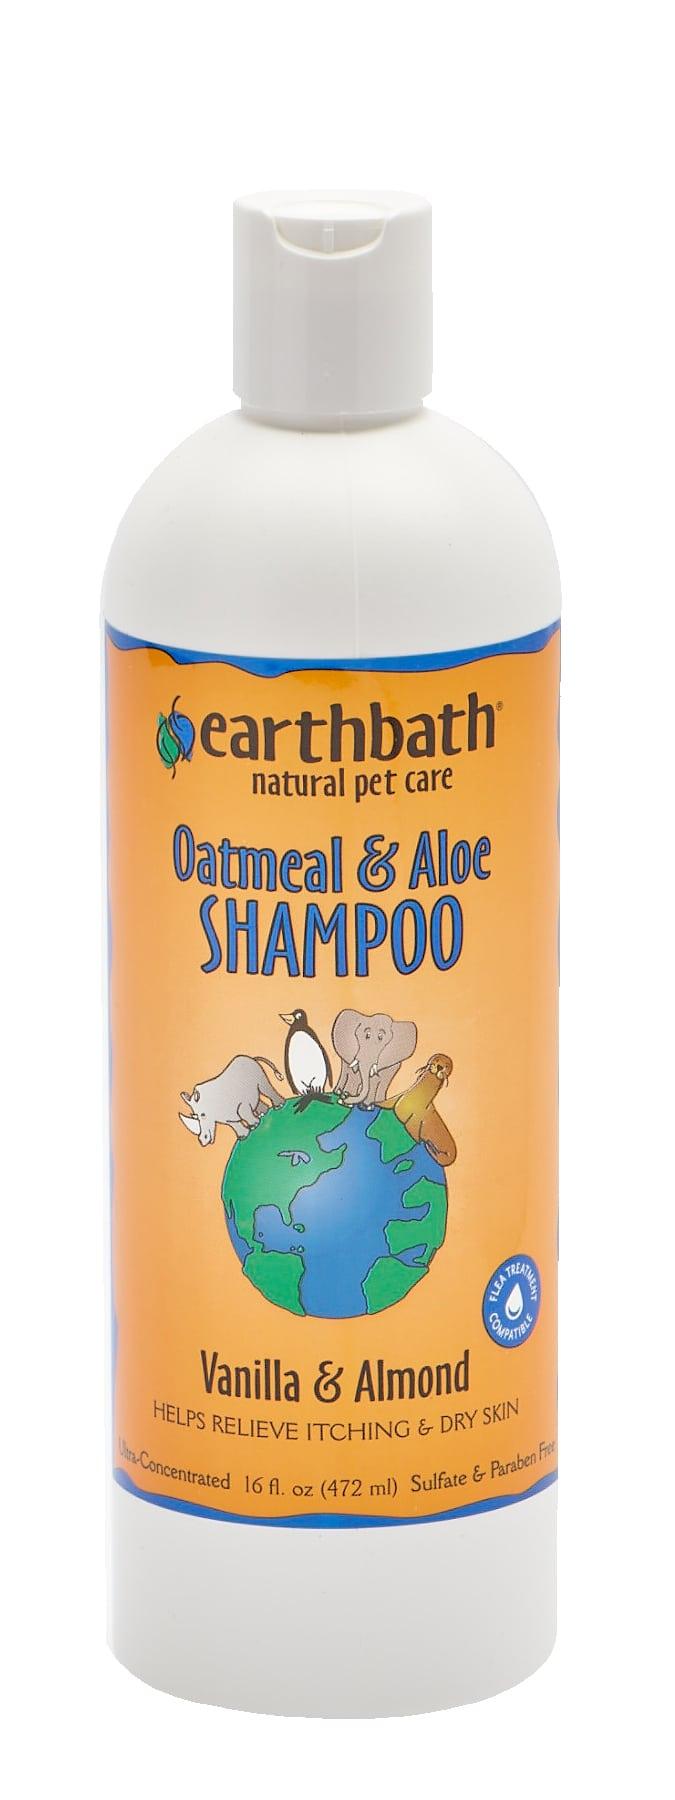 Oatmeal & Aloe Shampoo Pet shampoo, Aloe, Cat shampoo